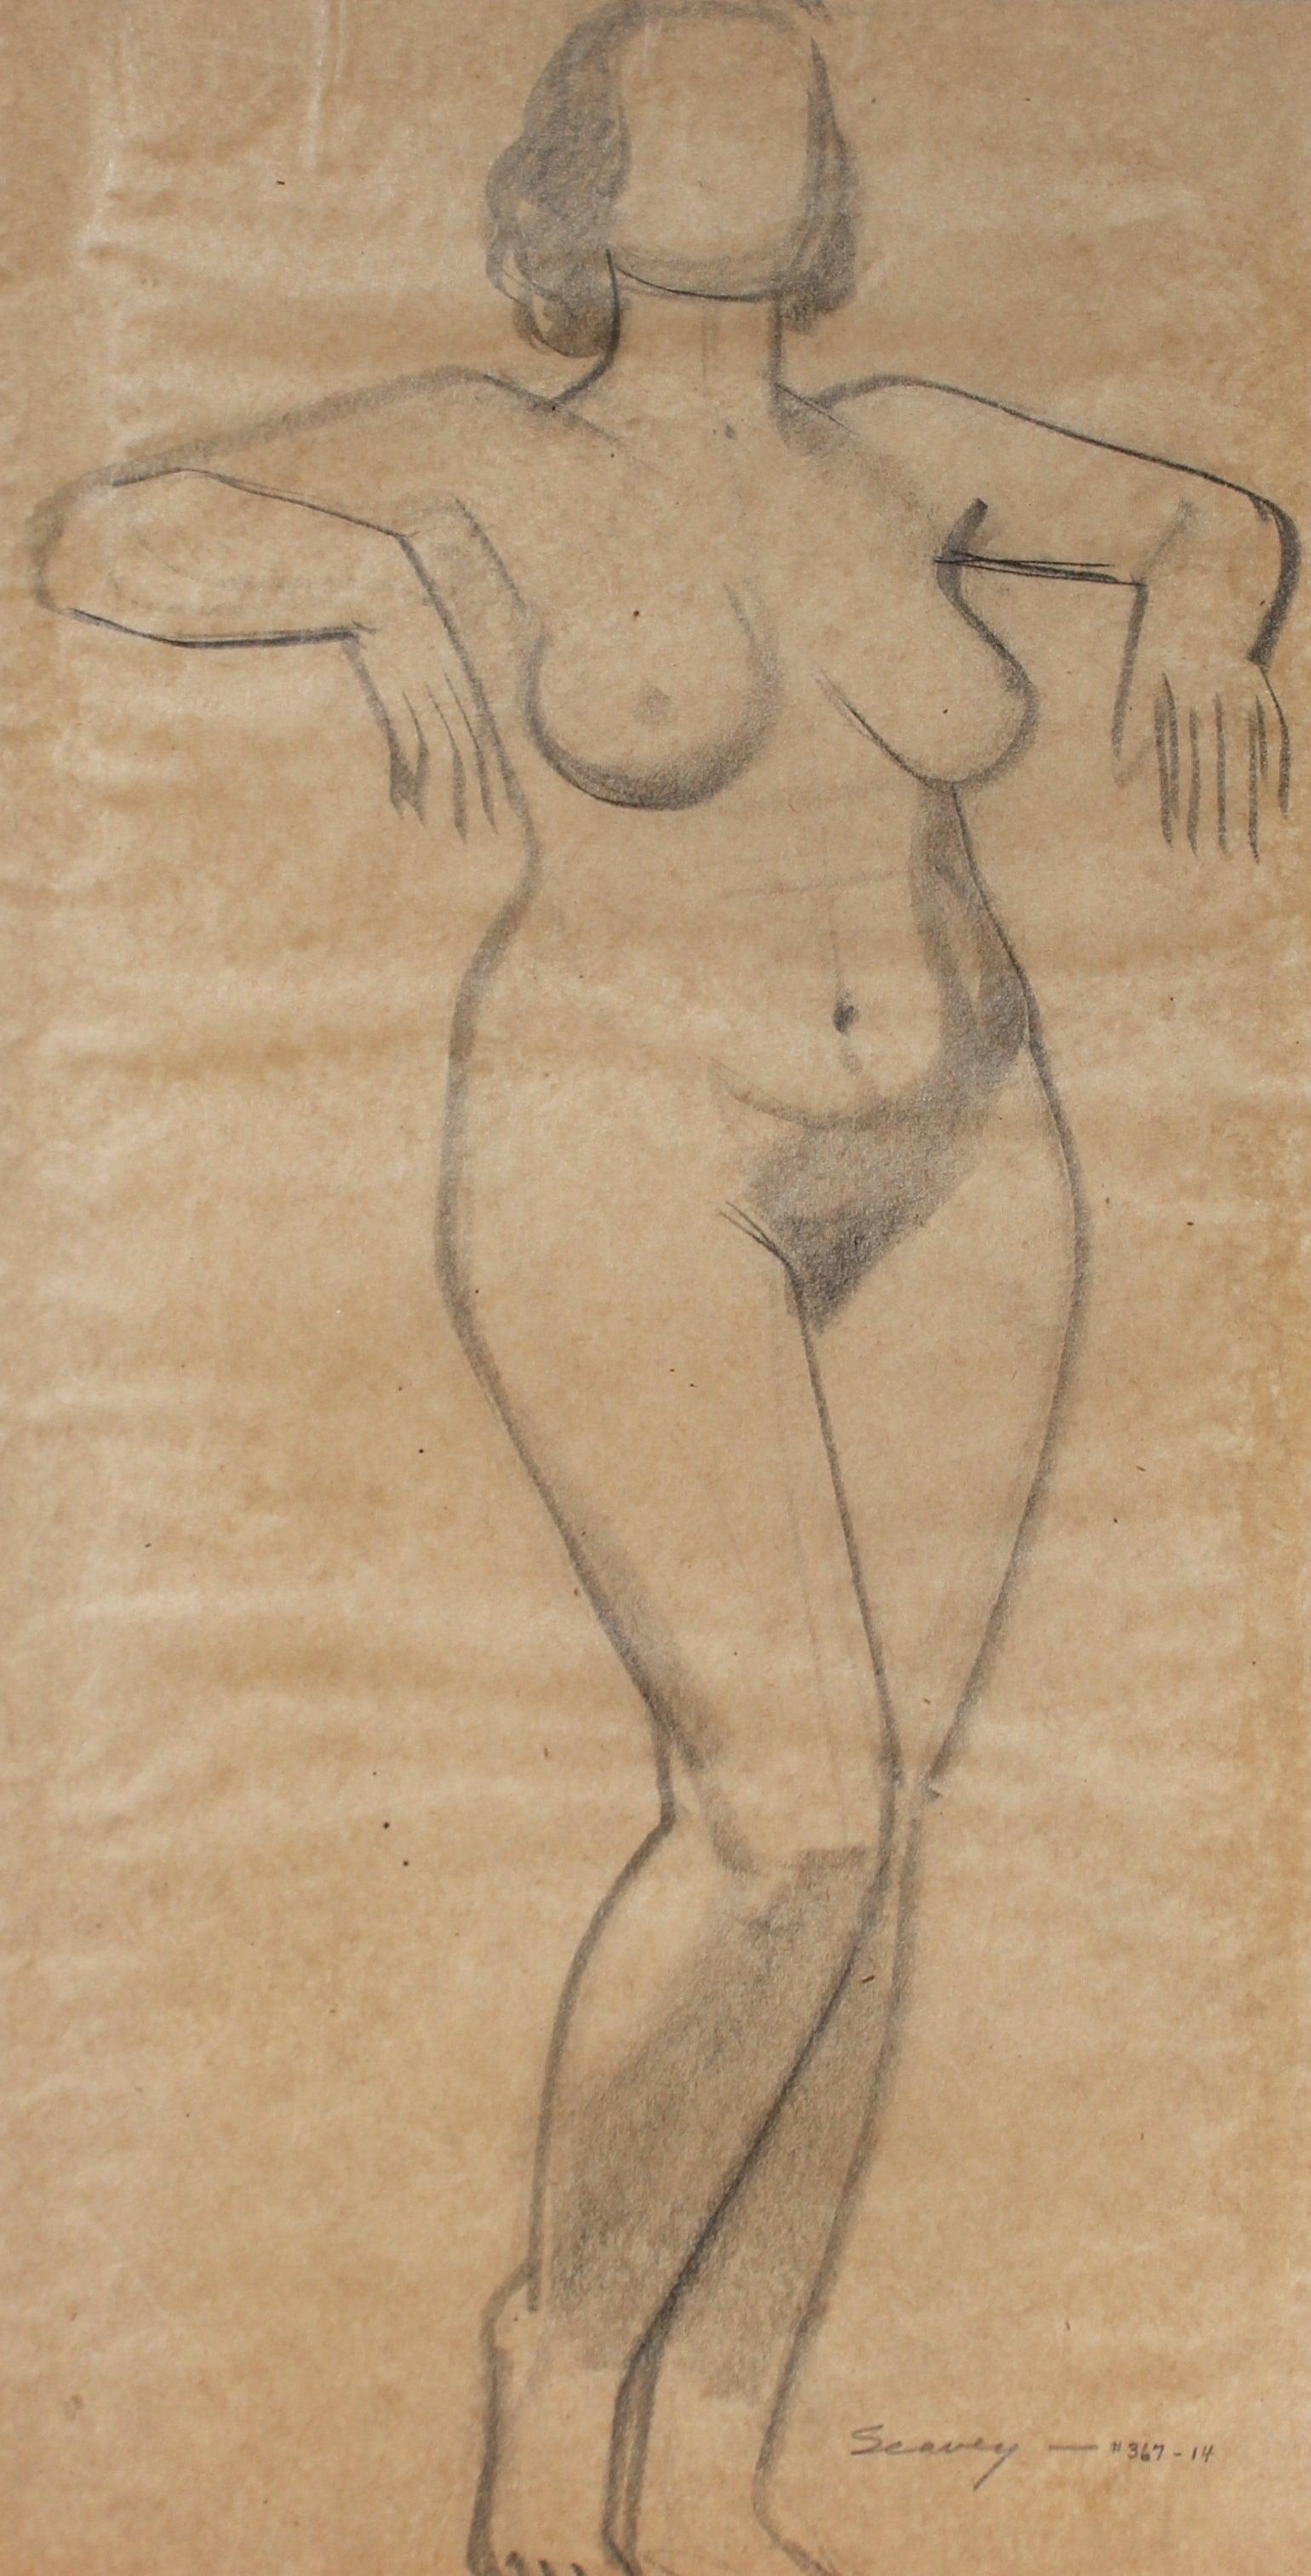 Standing Figure in Graphite, Circa 1930s